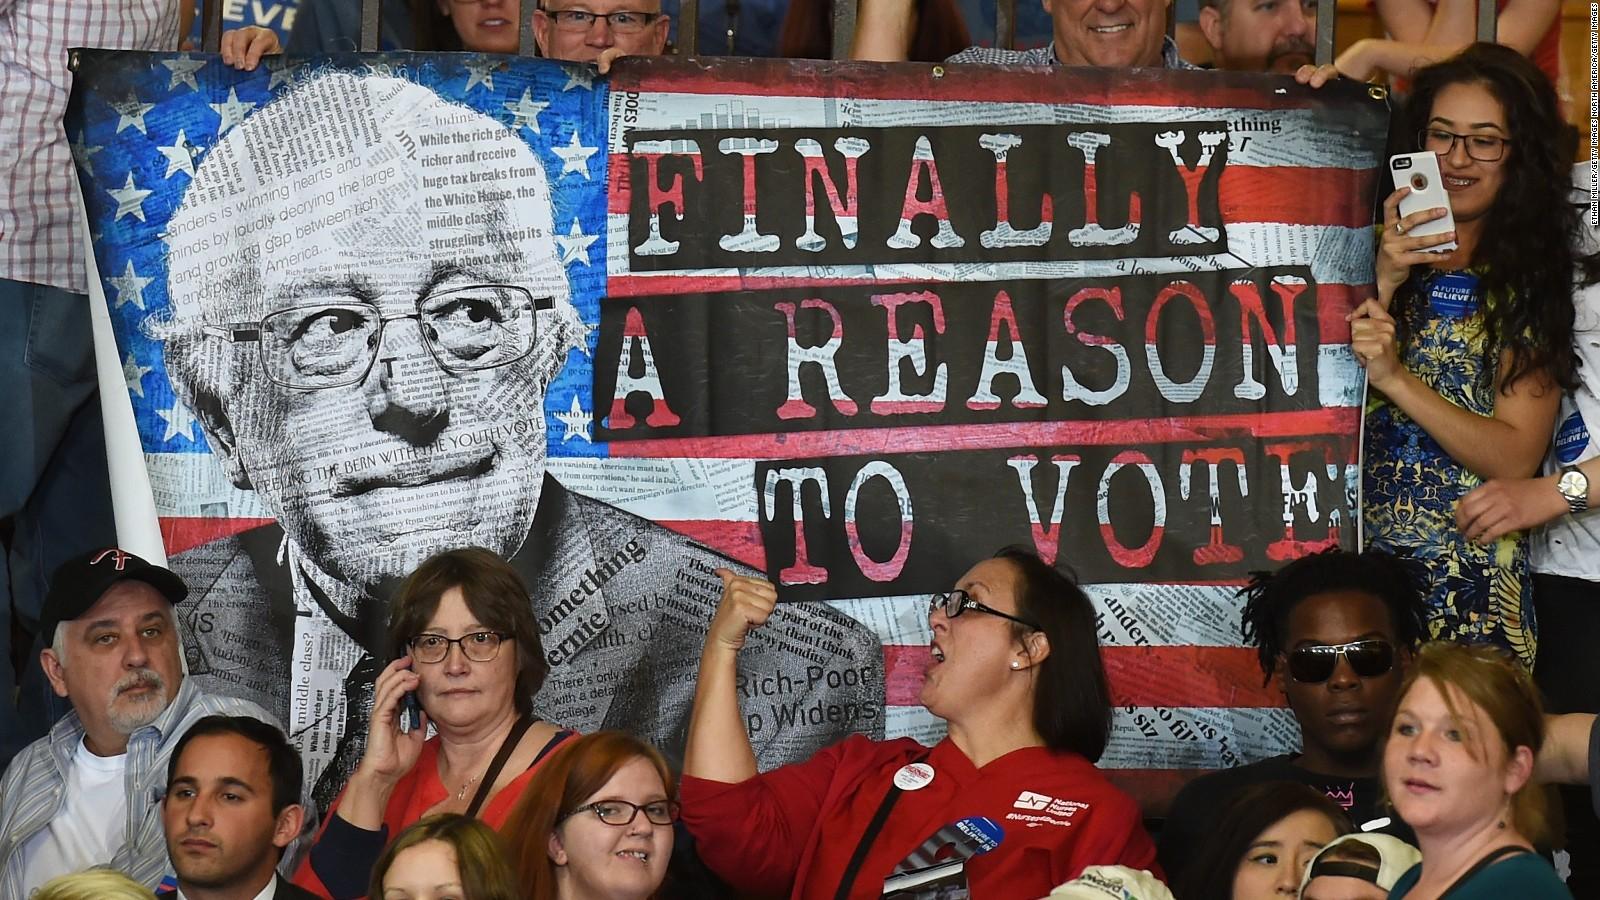 Seguidores de Bernie Sanders sostienen un afiche durante un evento de campaña del excandidato demócrata.